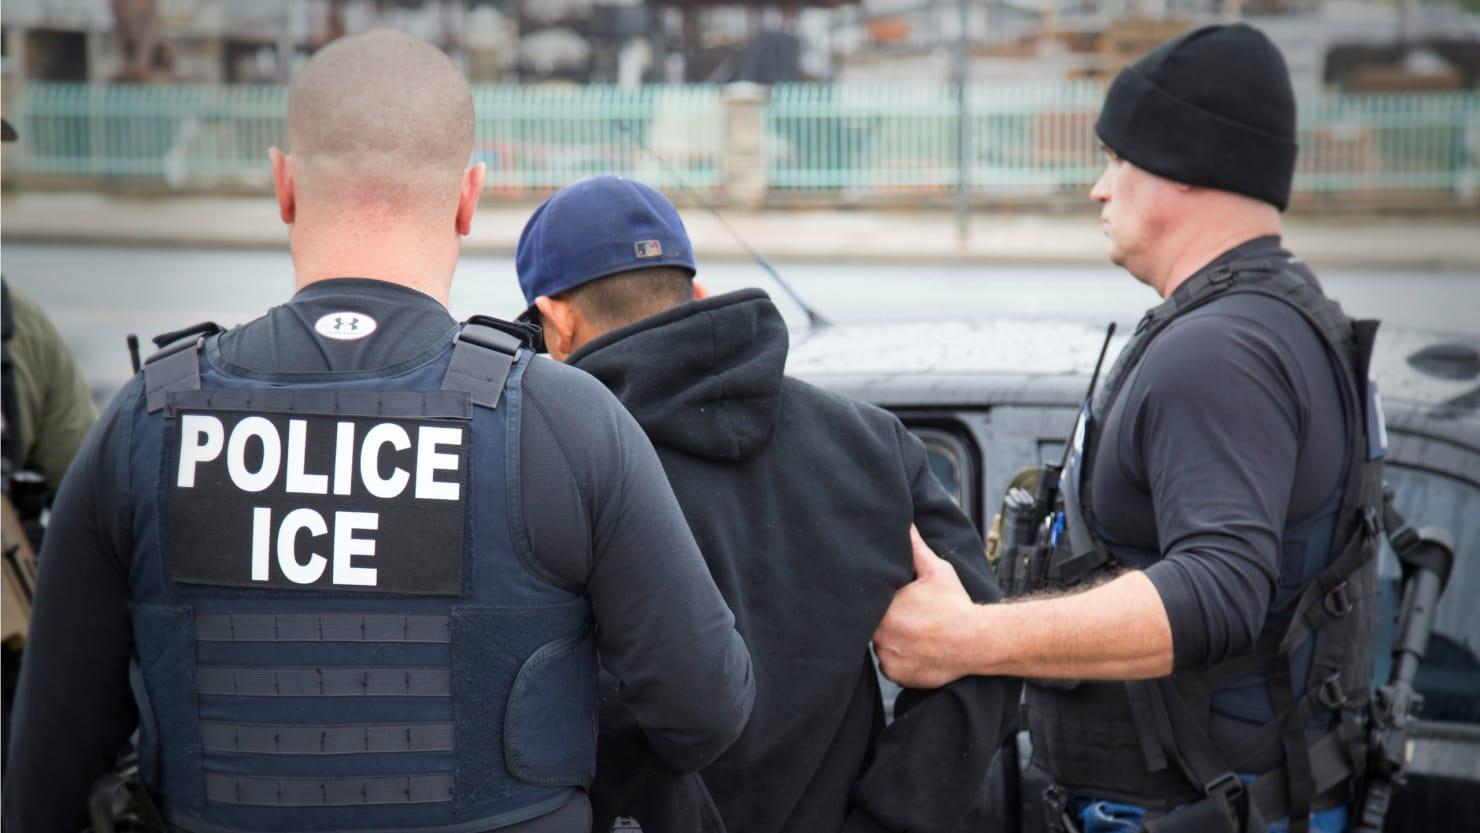 Cơ quan di trú Hoa Kỳ gia tăng bắt giữ di dân lậu, nhưng số lượng trục xuất thấp hơn năm 2016